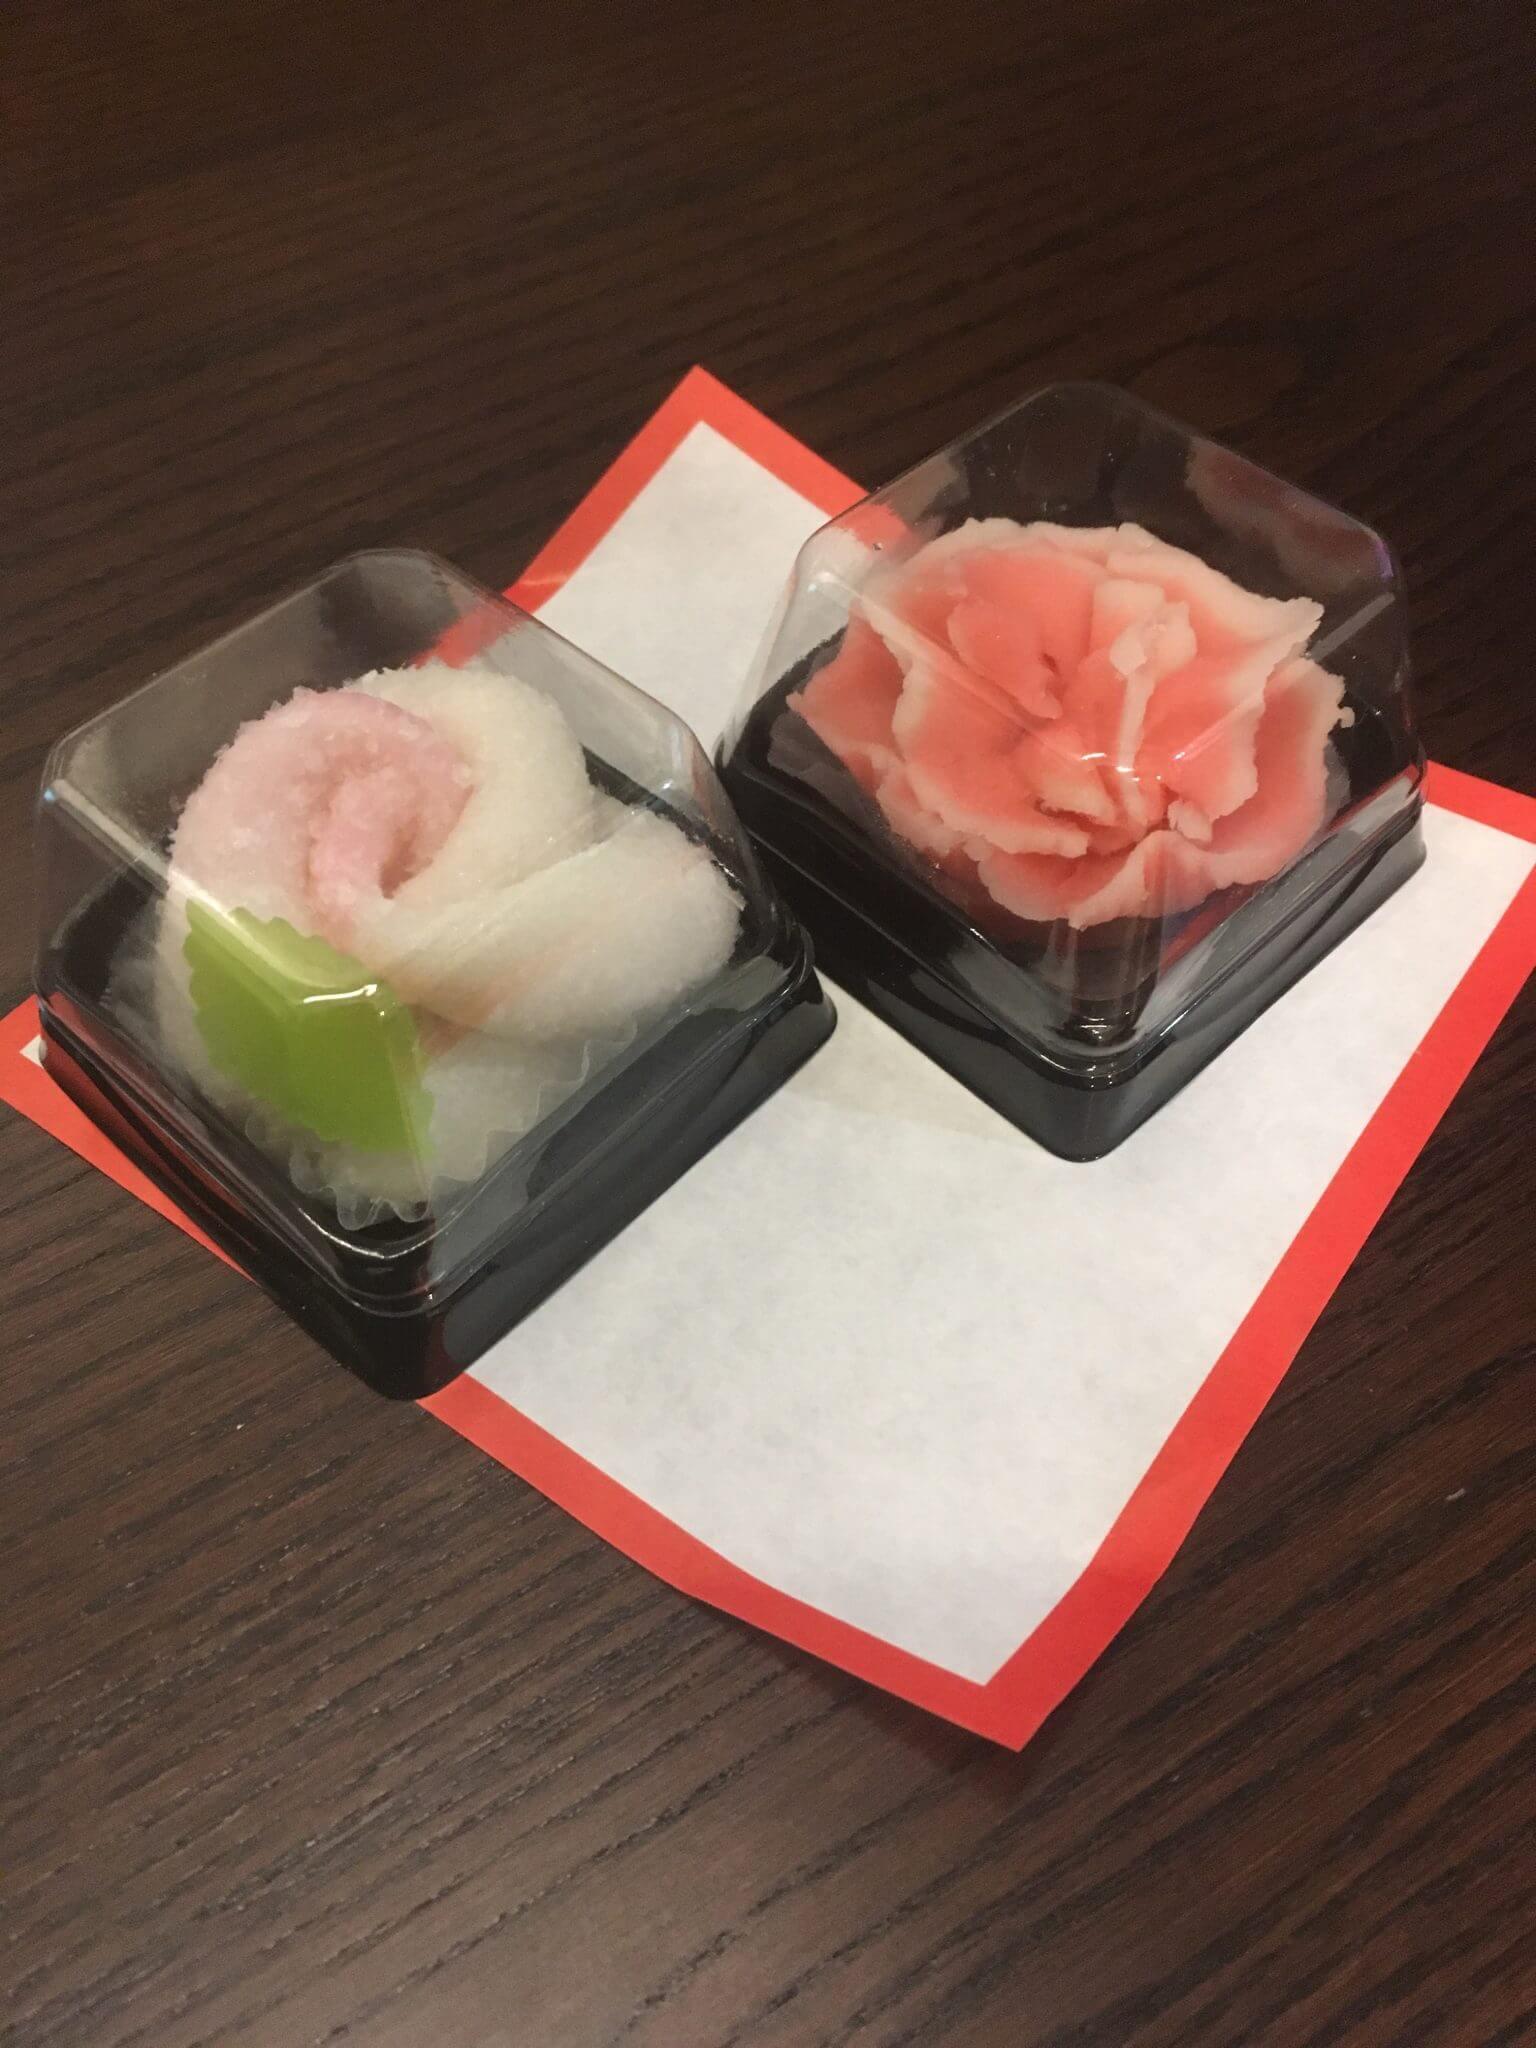 母の日プレゼントに!和菓子埼玉南雲さんで母の日セットを買ってきた!